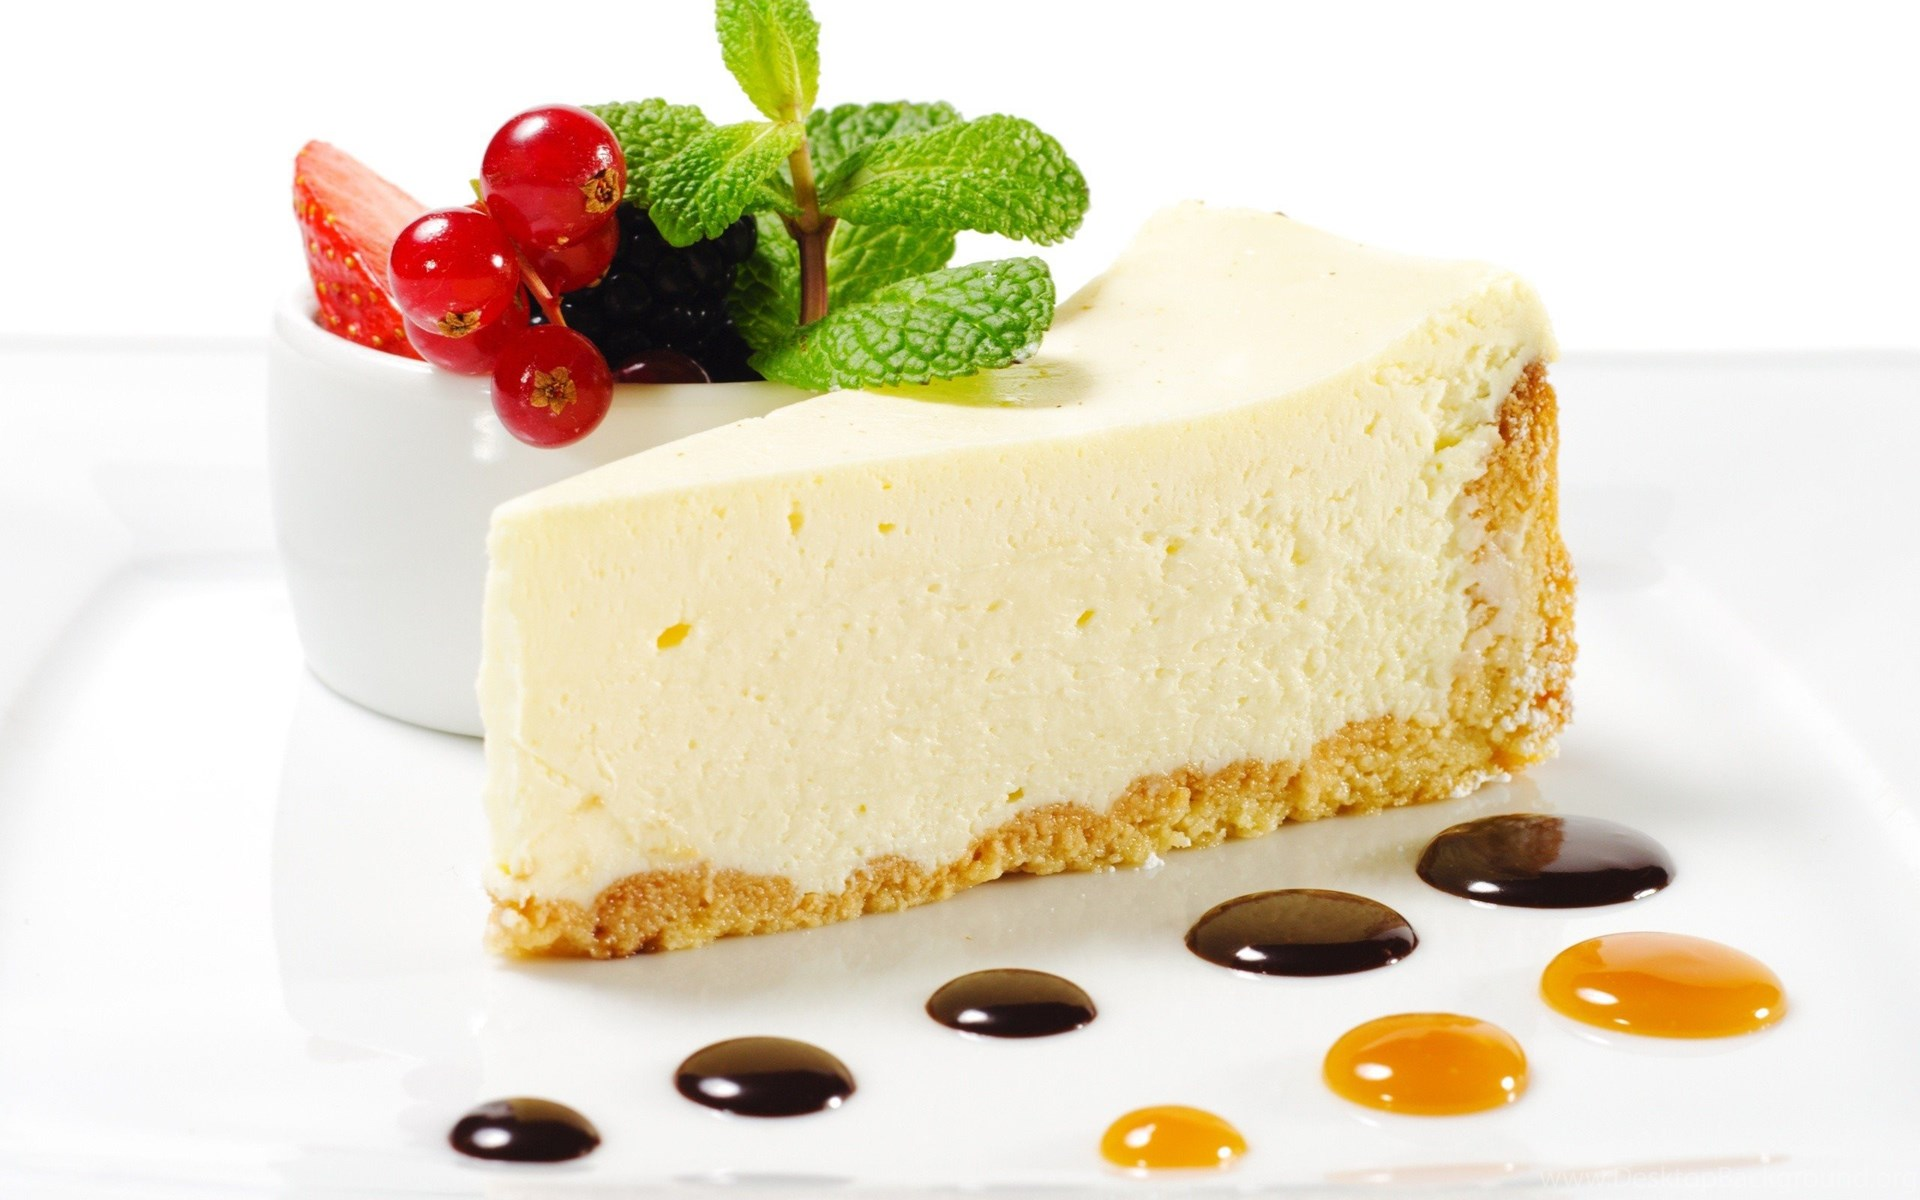 Сливочный сыр для чизкейка в домашних условиях рецепт